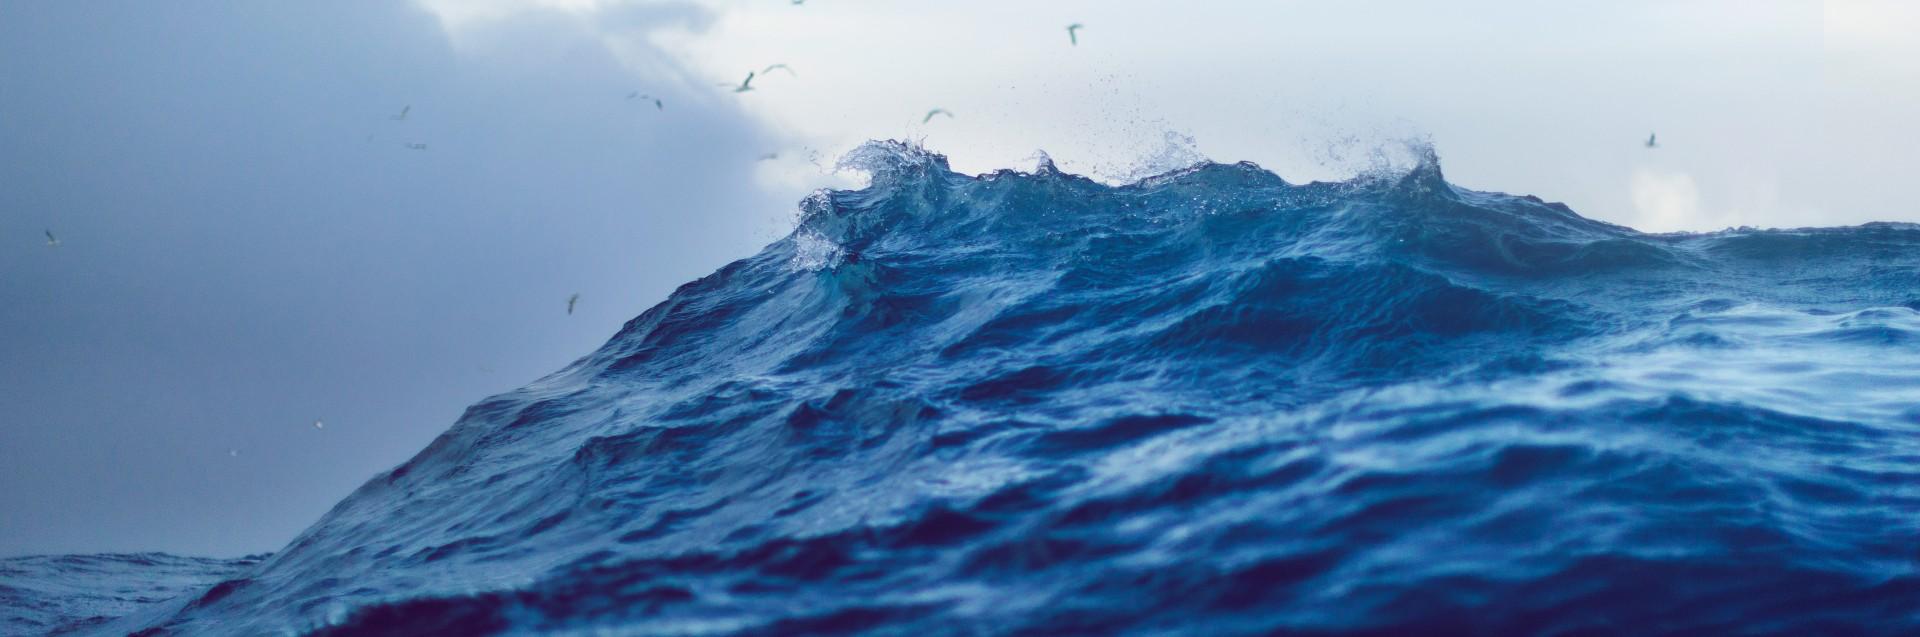 Bølge på åpent hav